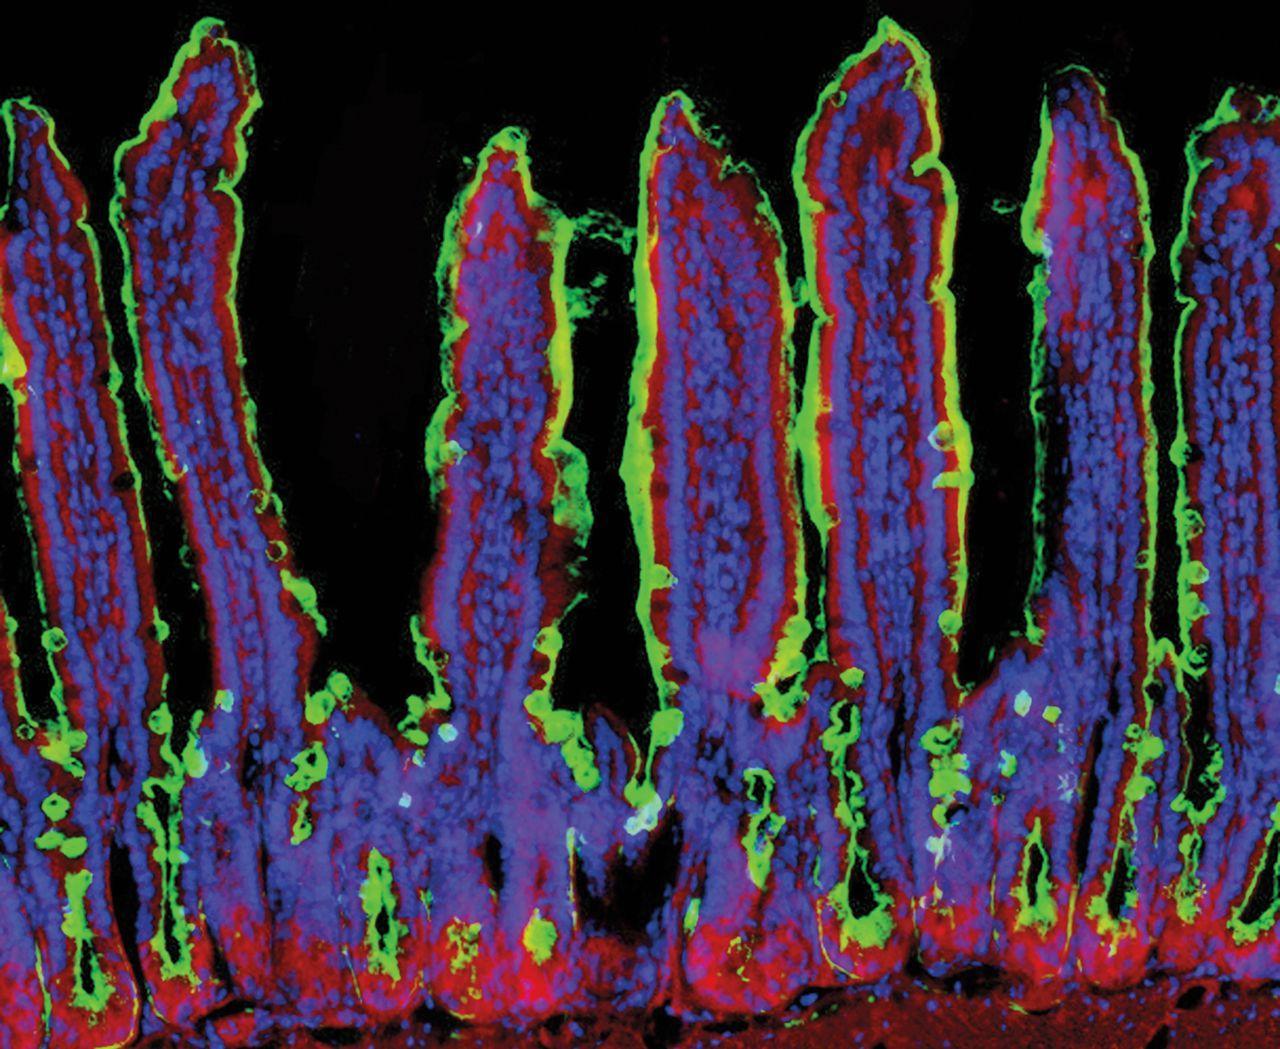 повторные легкие отравления вызывают тяжелые заболевания кишечника